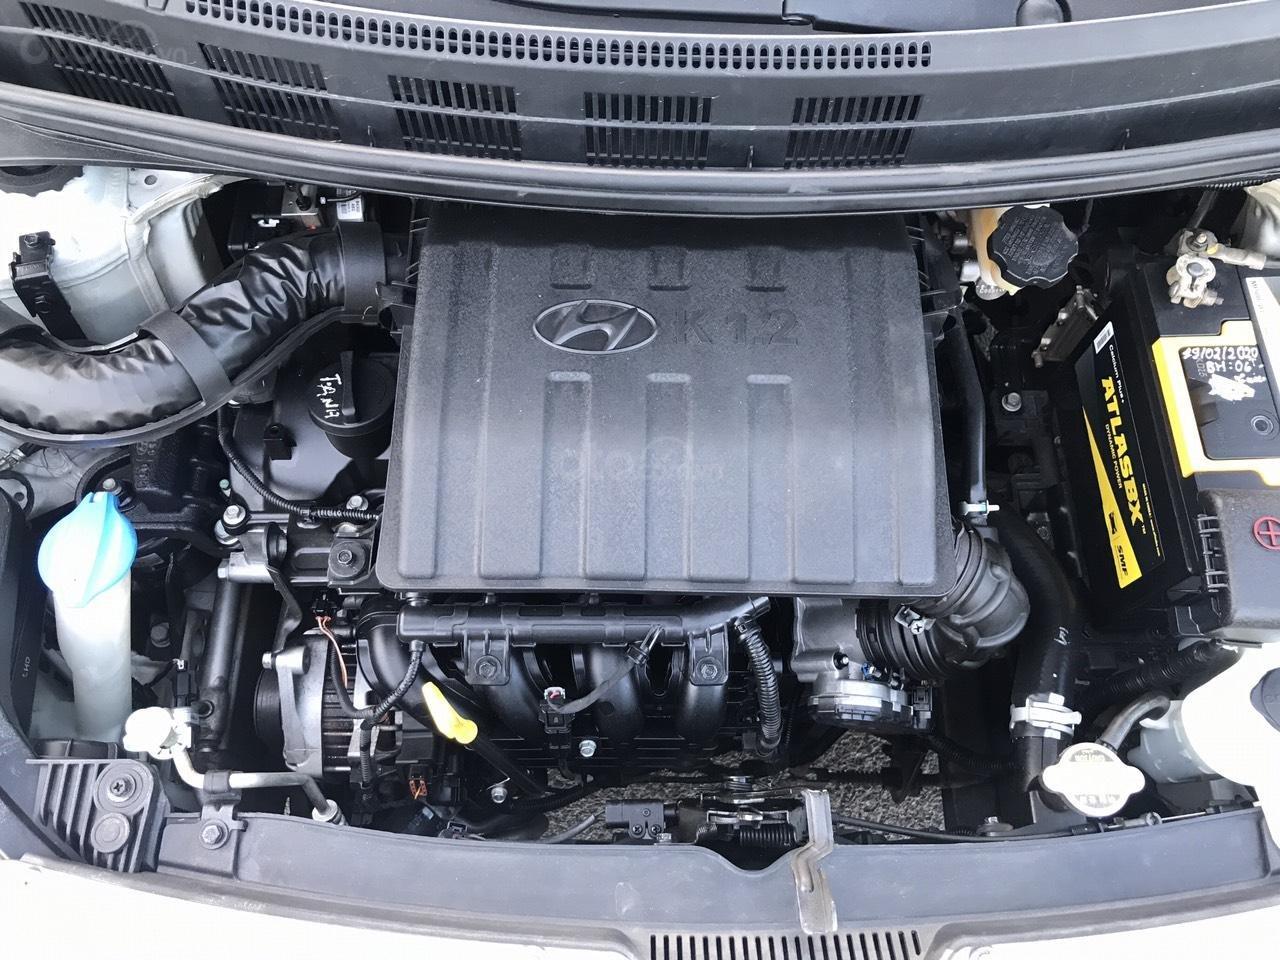 Hyundai Grand i10 1.2 Sport 2016, màu bạc, nhập khẩu, 1 chủ từ mới, bản full kịch đồ, xe quá chất lượng (8)